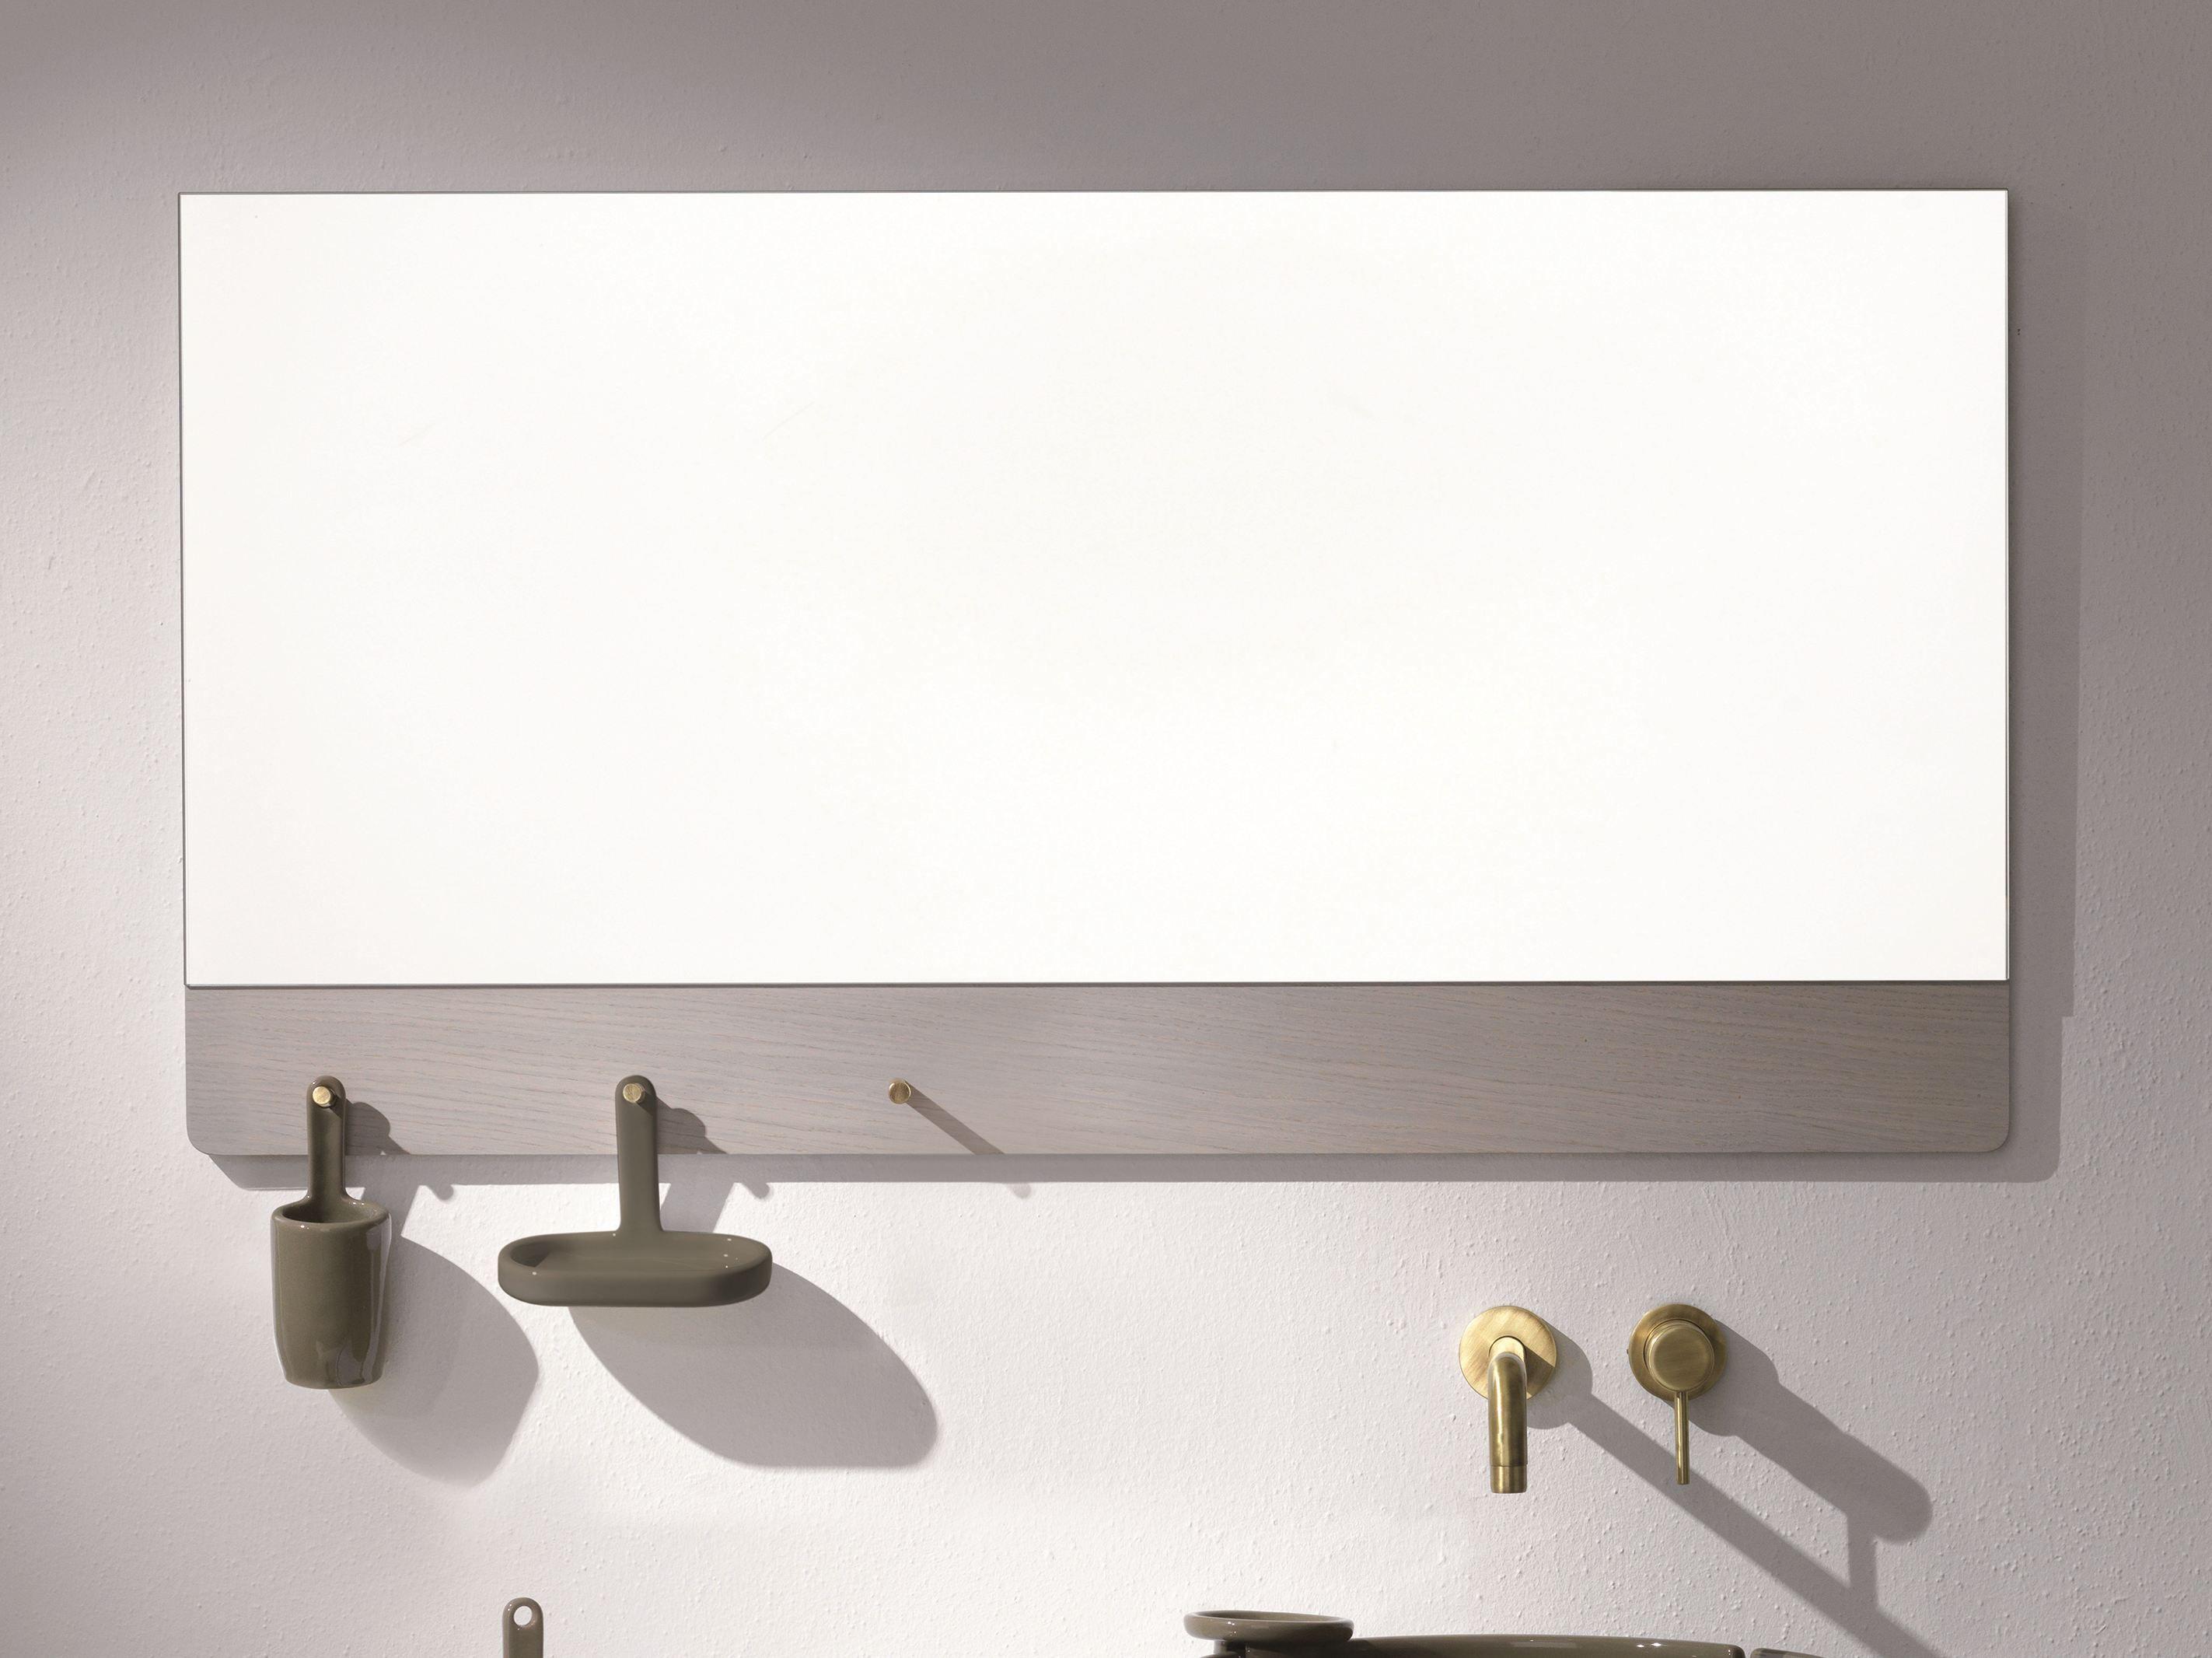 Specchio per bagno ukiyo e specchio per bagno olympia ceramica - Specchio ovale per bagno ...